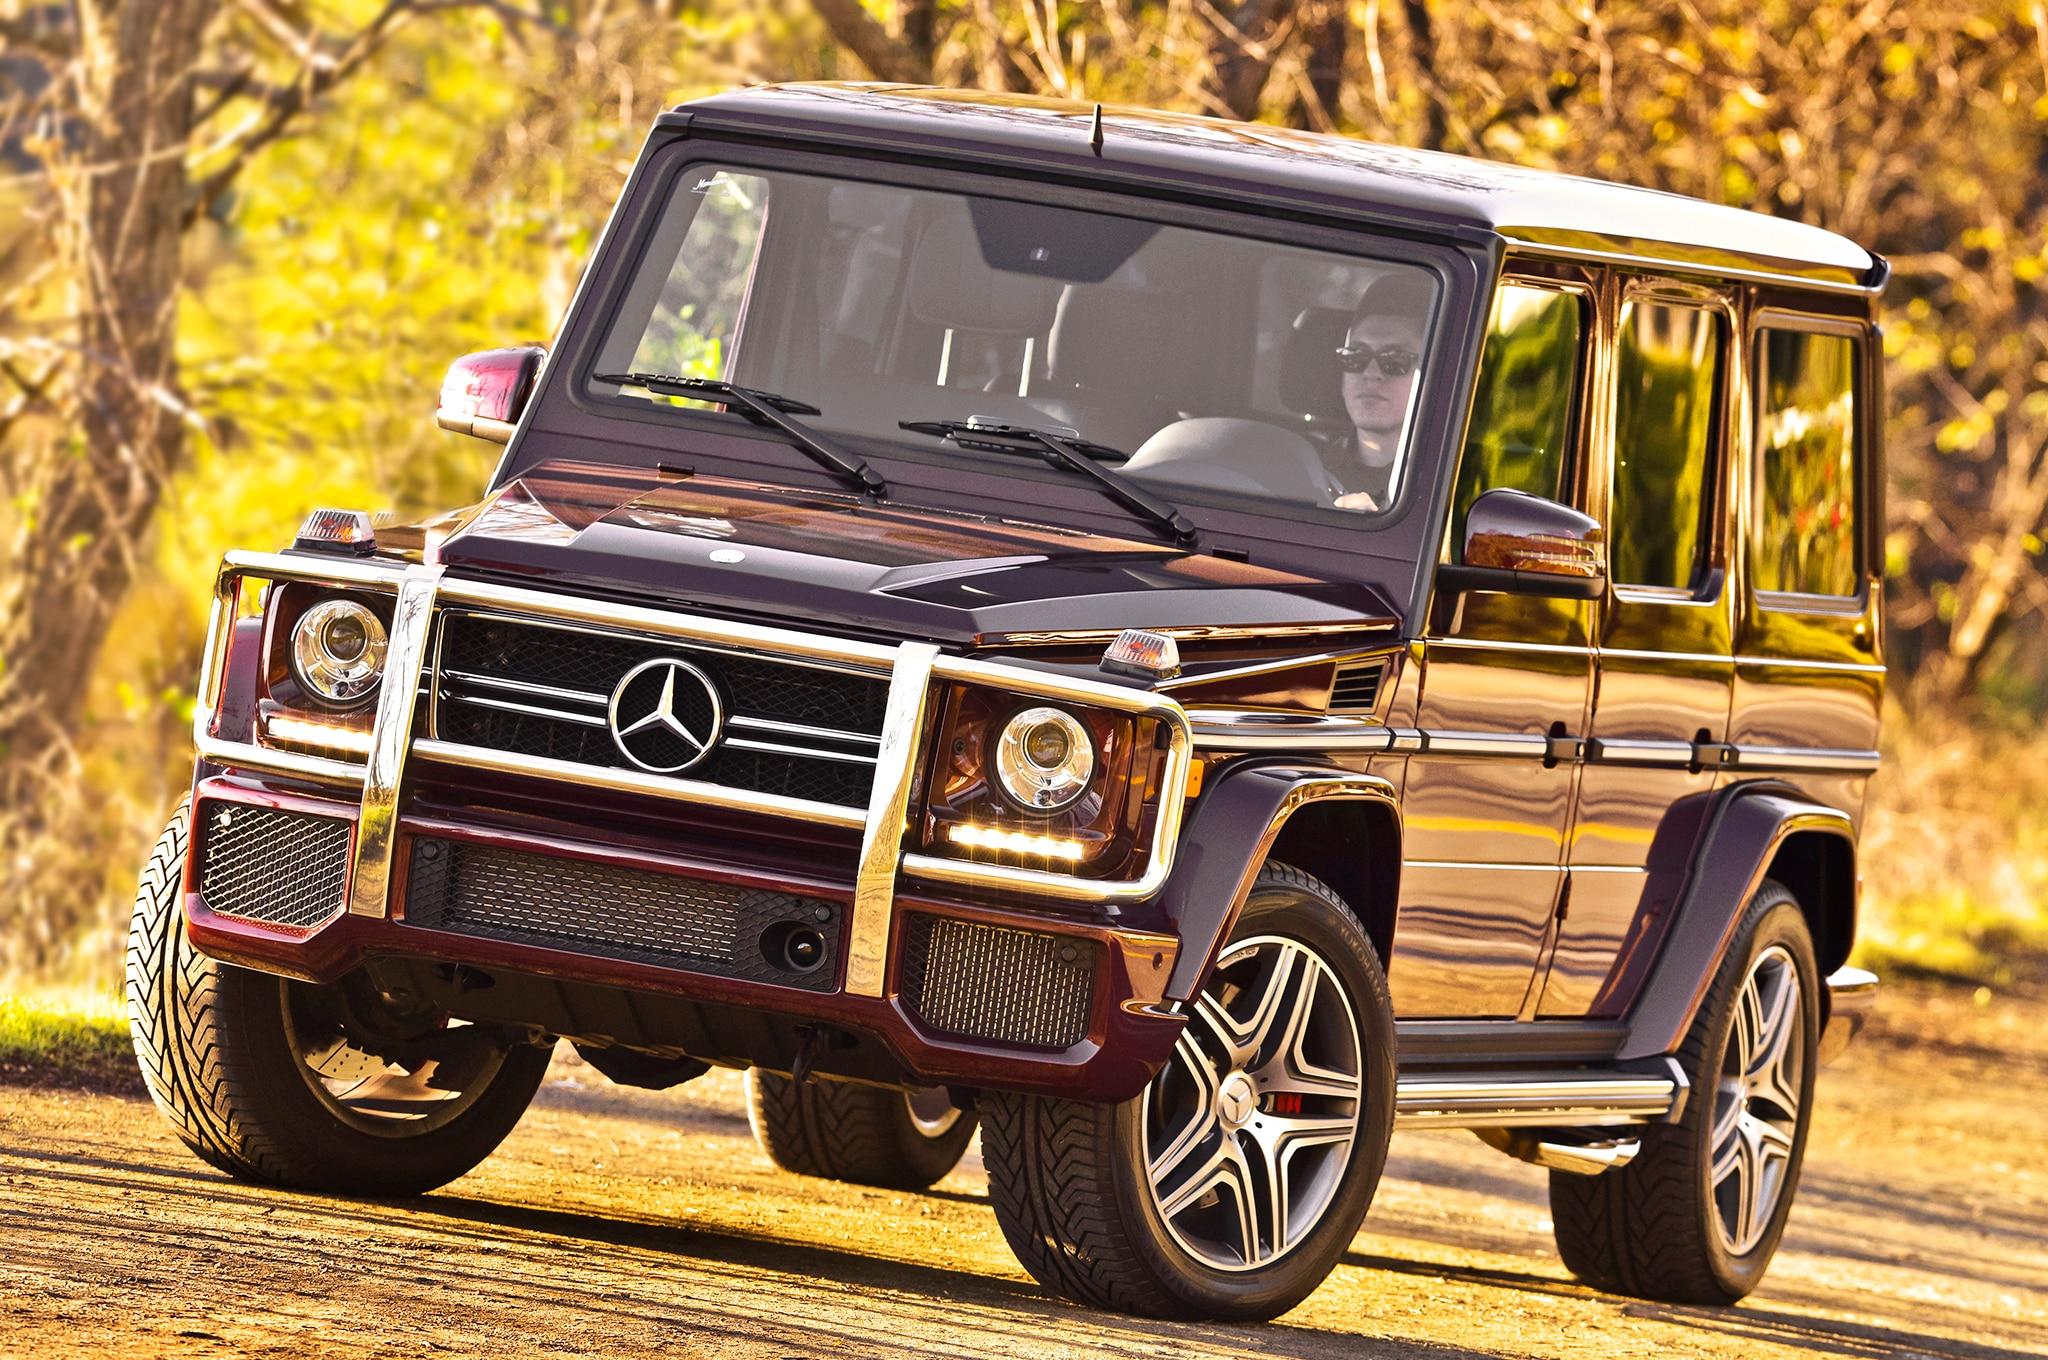 Mercedes-Benz Builds G63 AMG 6x6